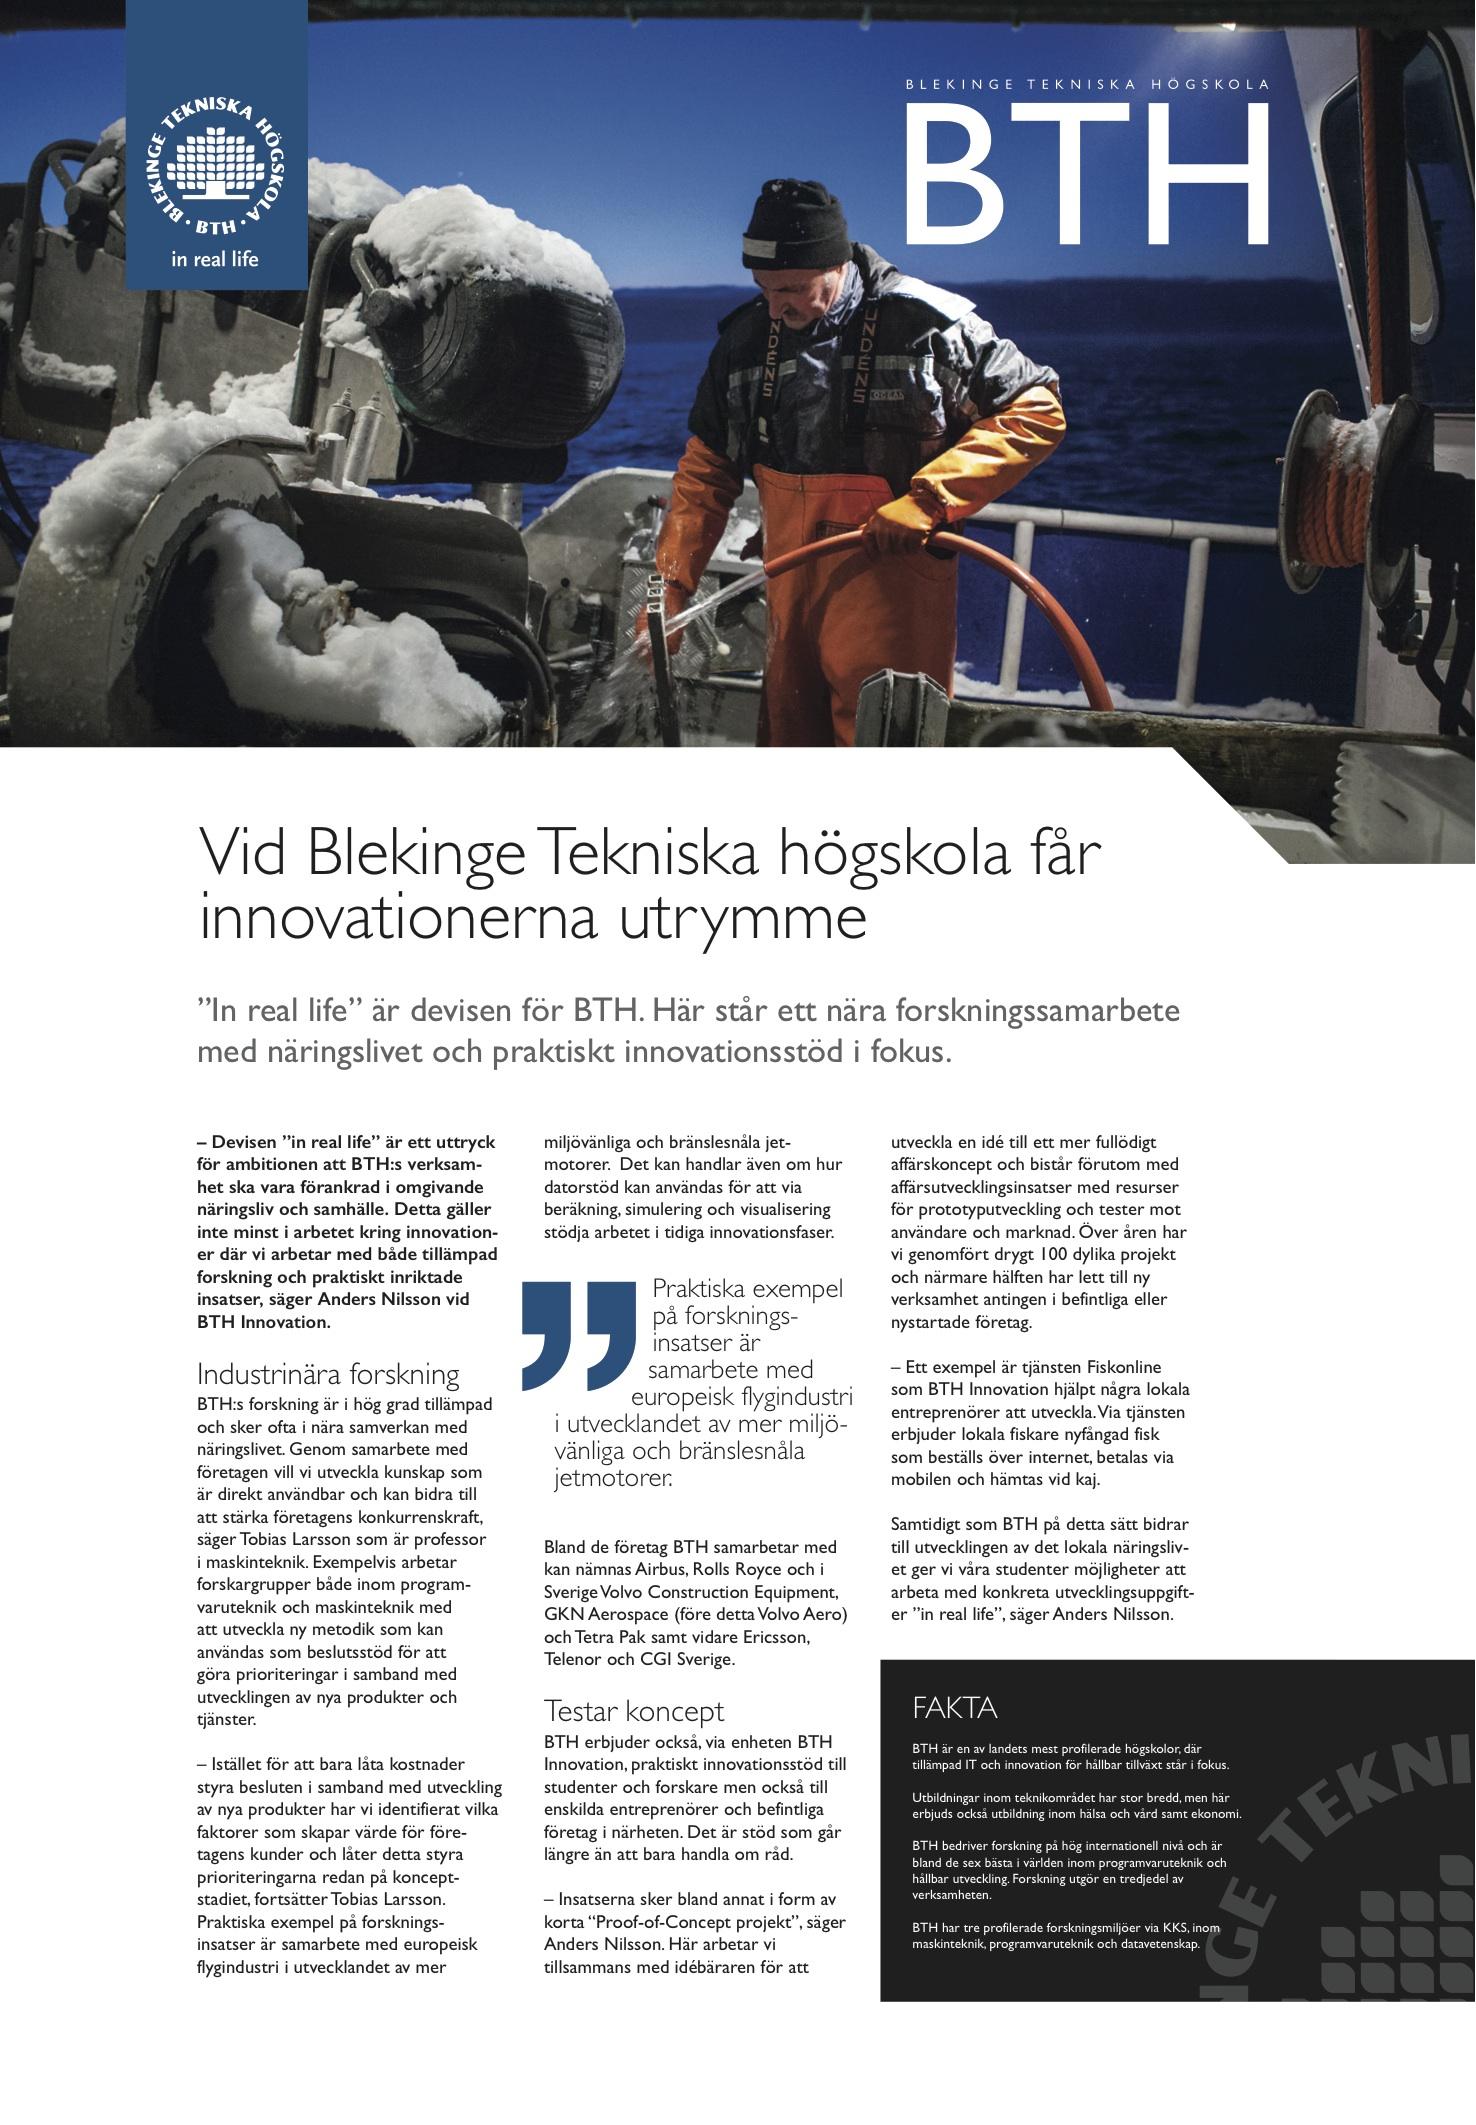 BTH-DN-Innovation-20140427